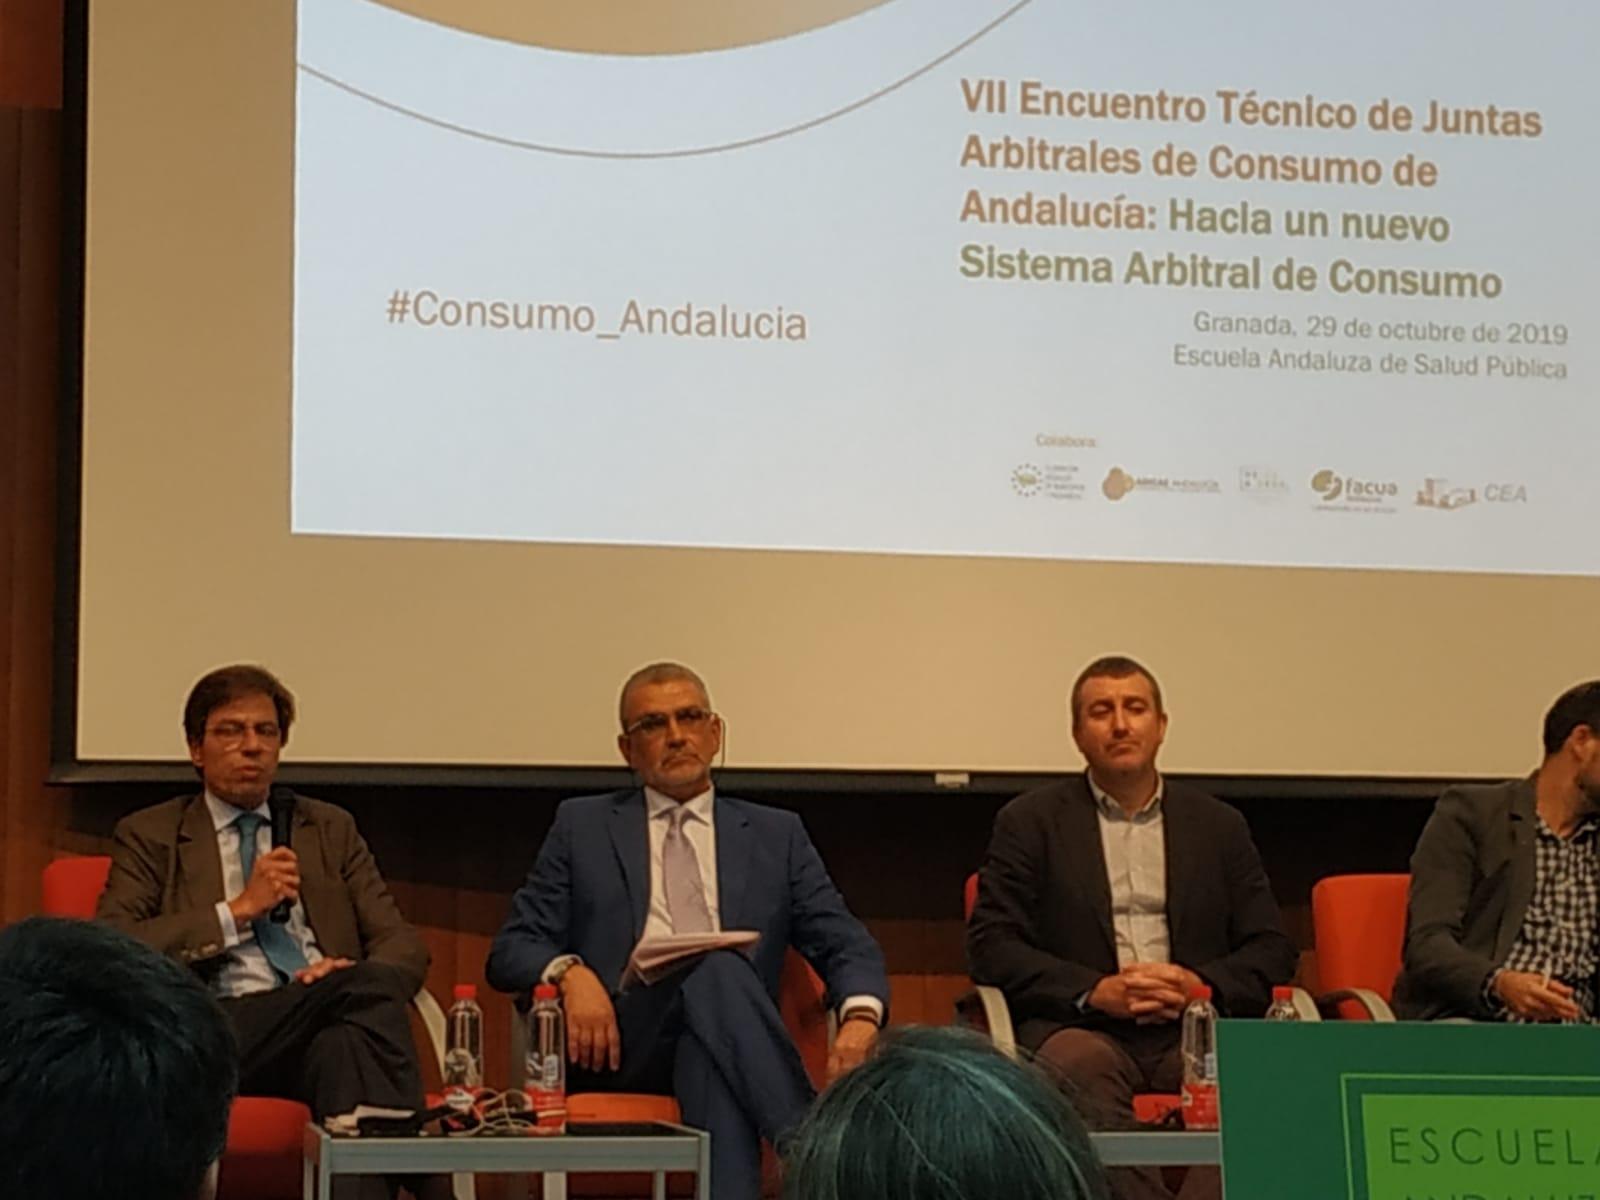 ADICAE participa en el VII Encuentro Técnico de Juntas Arbitrales de Consumo de Andalucía